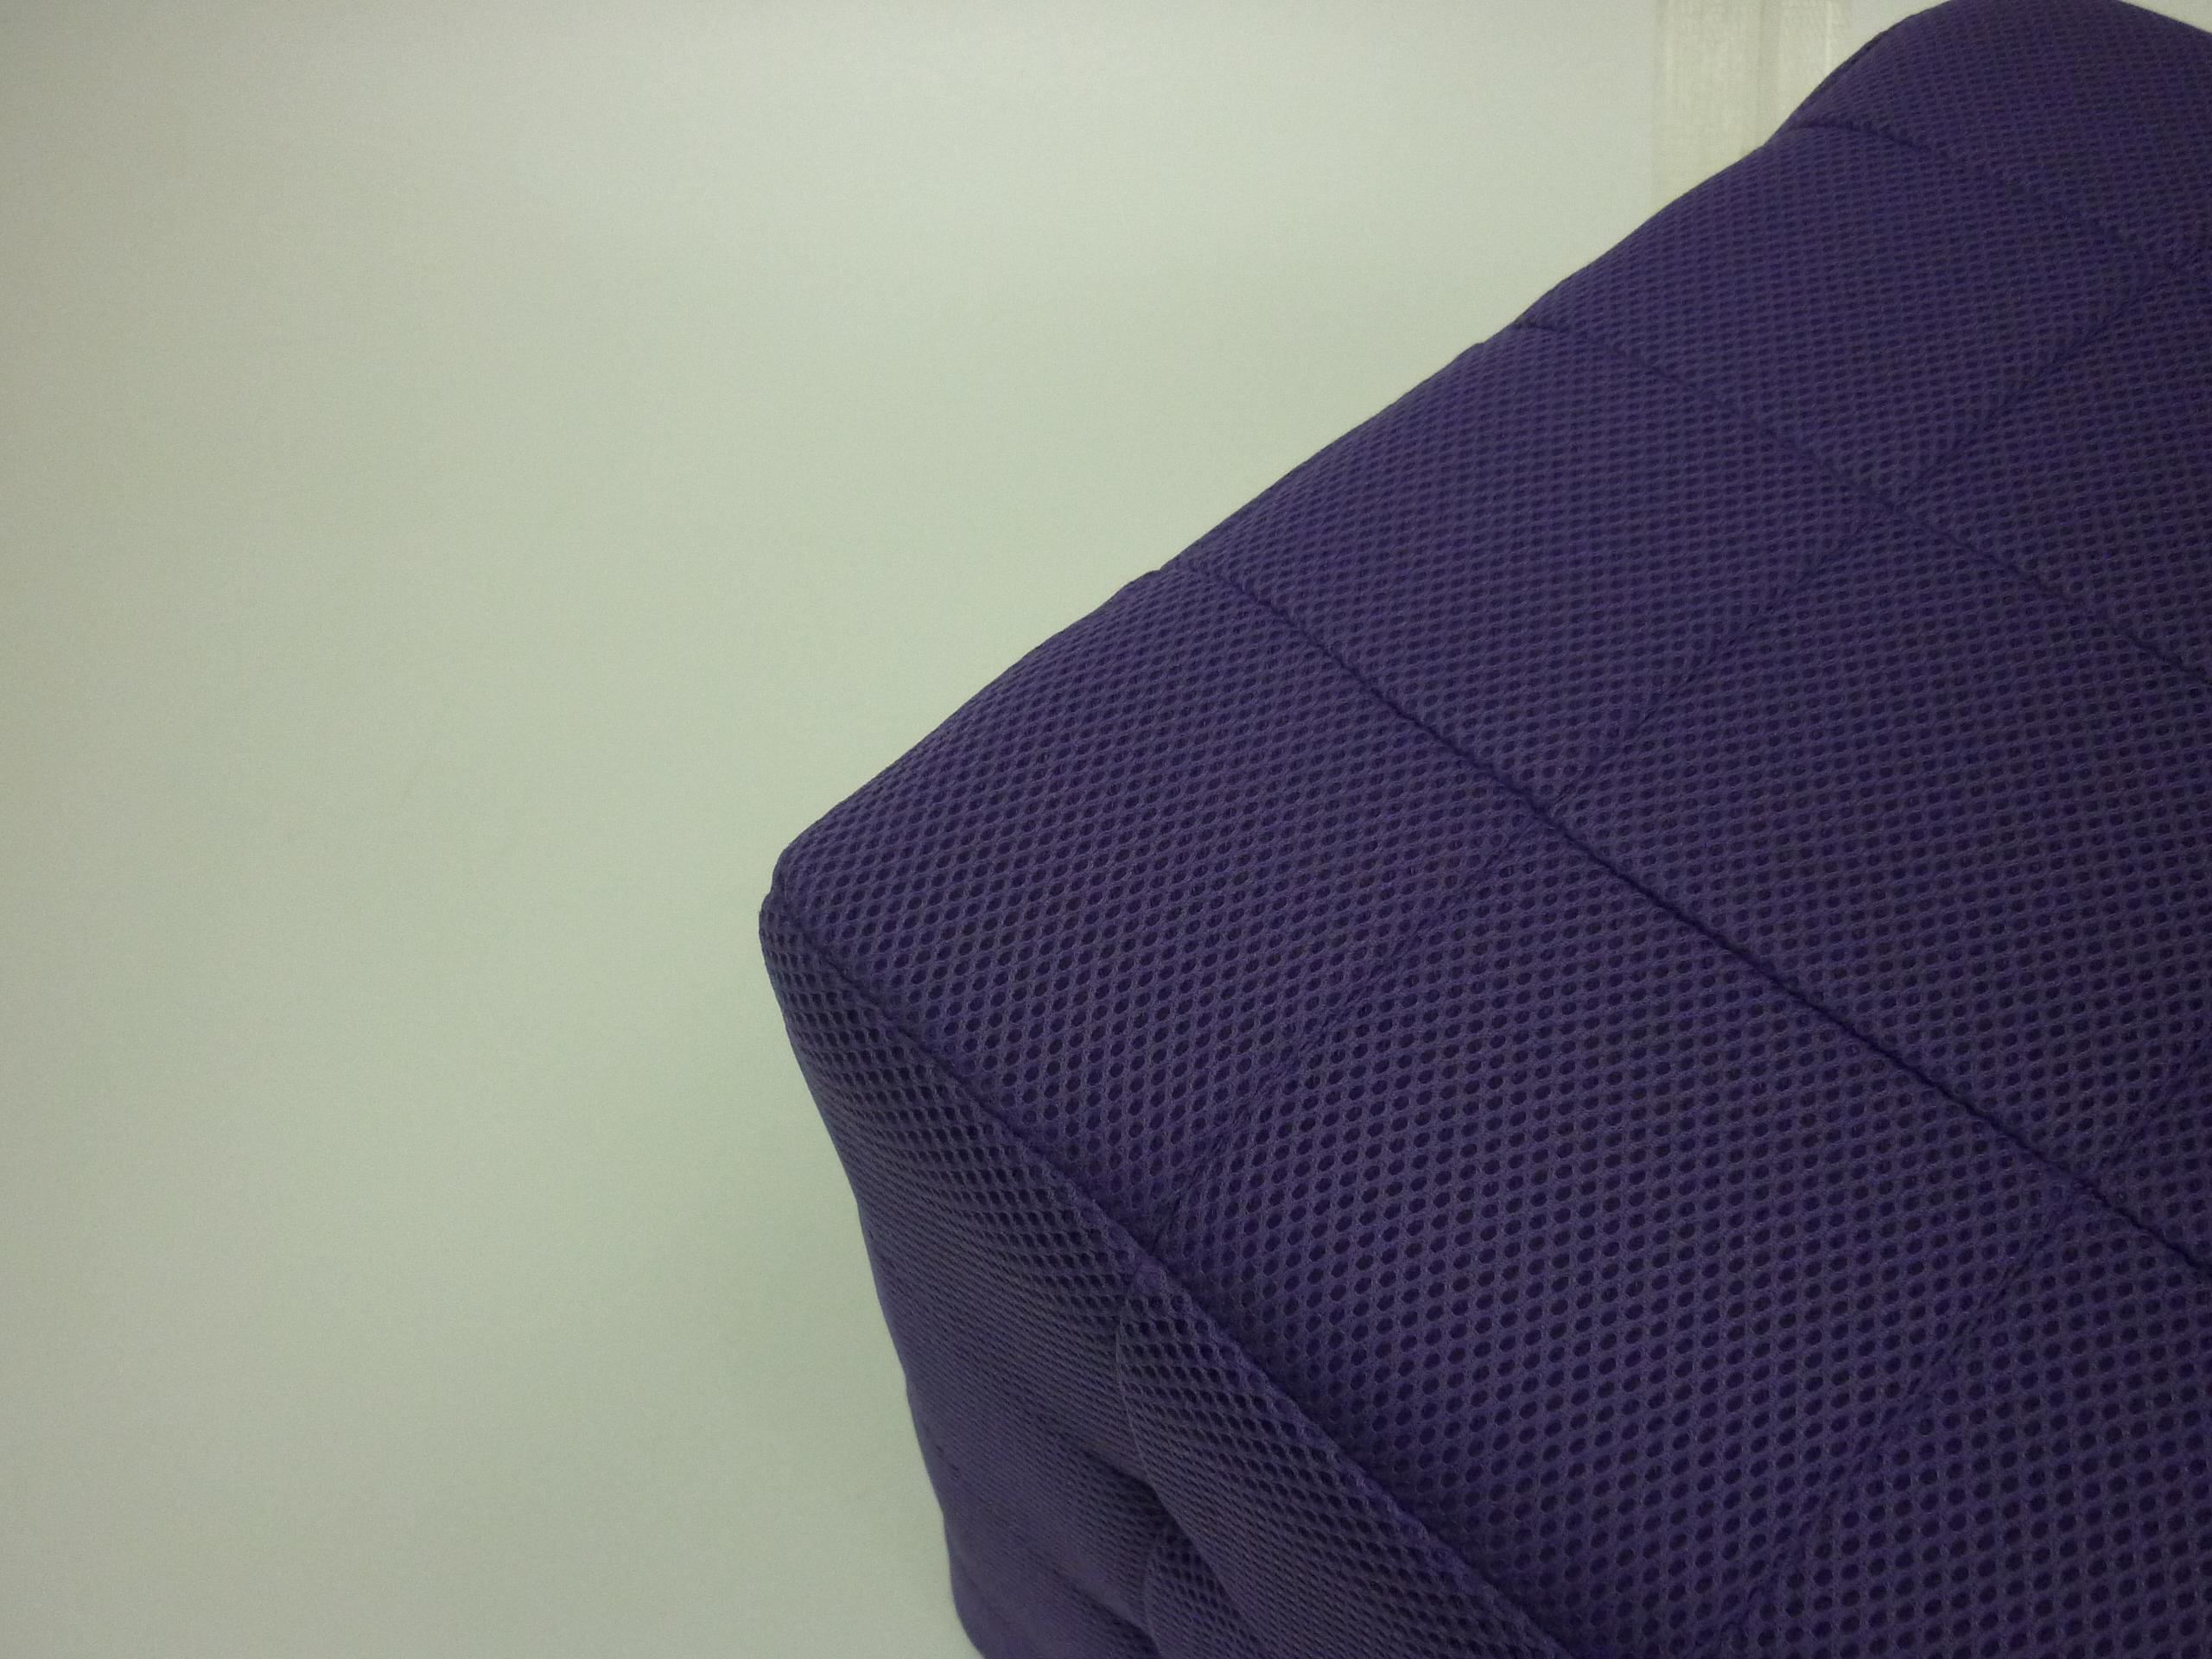 New (in box) purple fabric cube